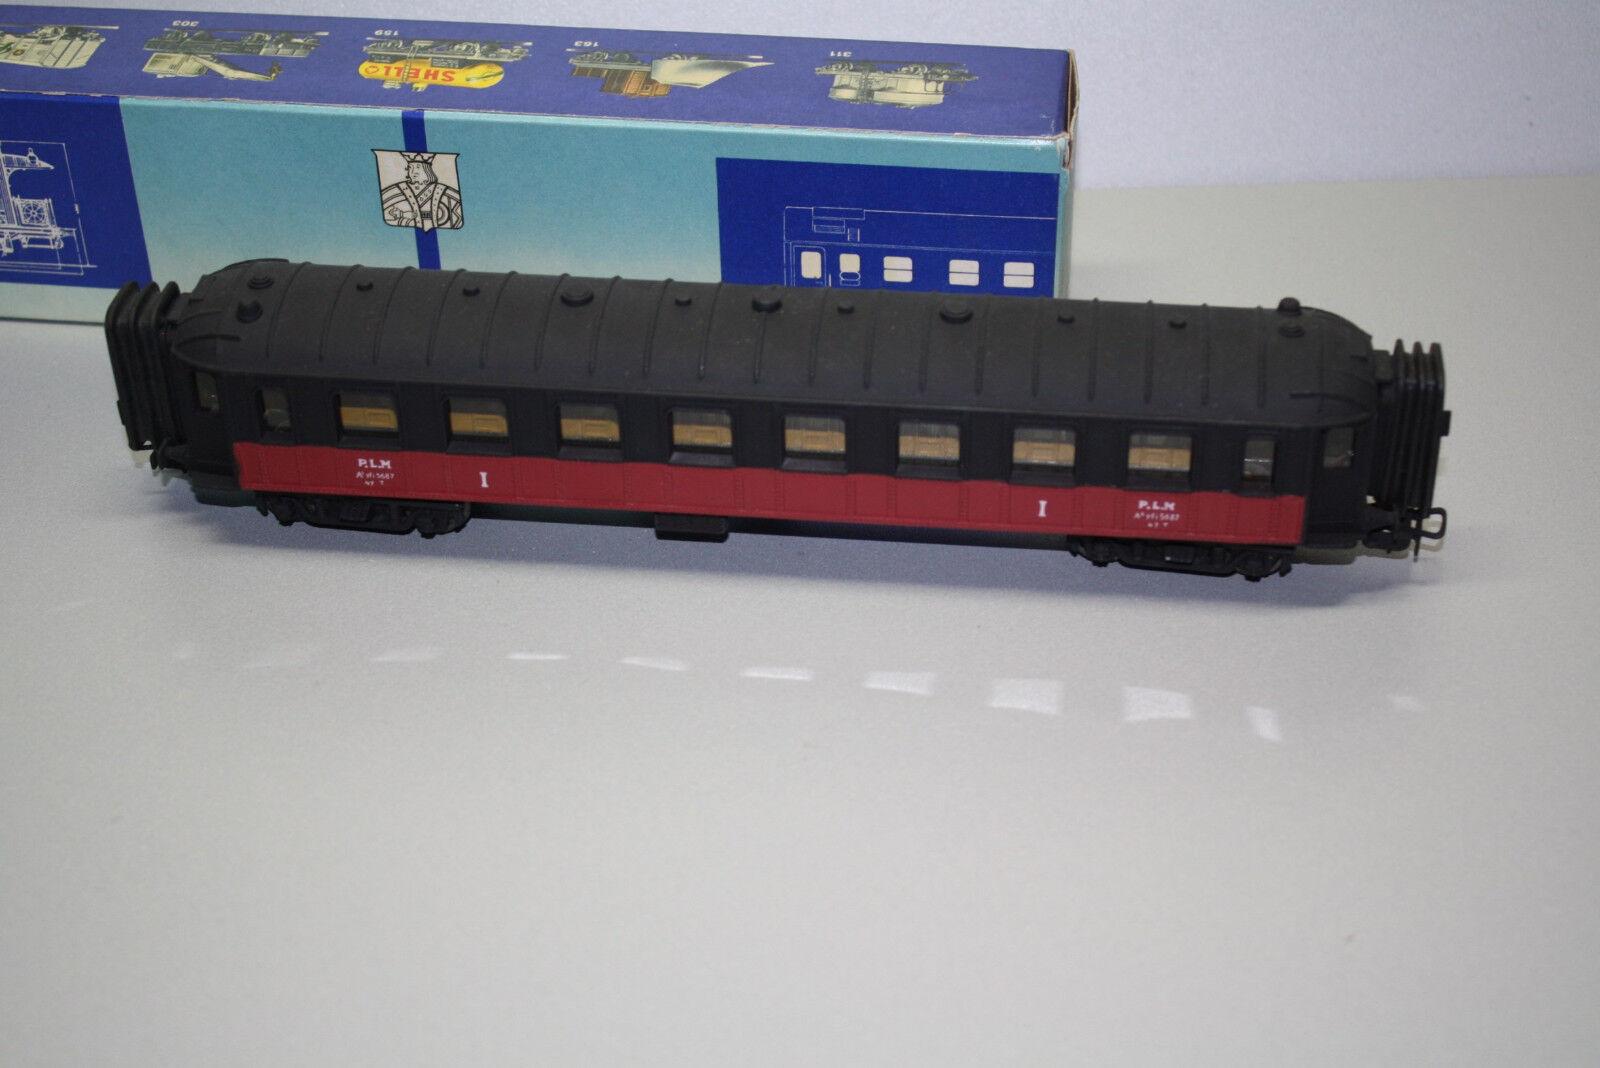 Pocher Pocher Pocher 225 3 4-Achser Personenwagen 1.Klasse Plm Spur H0 OVP    Klein und fein  eb6e9f